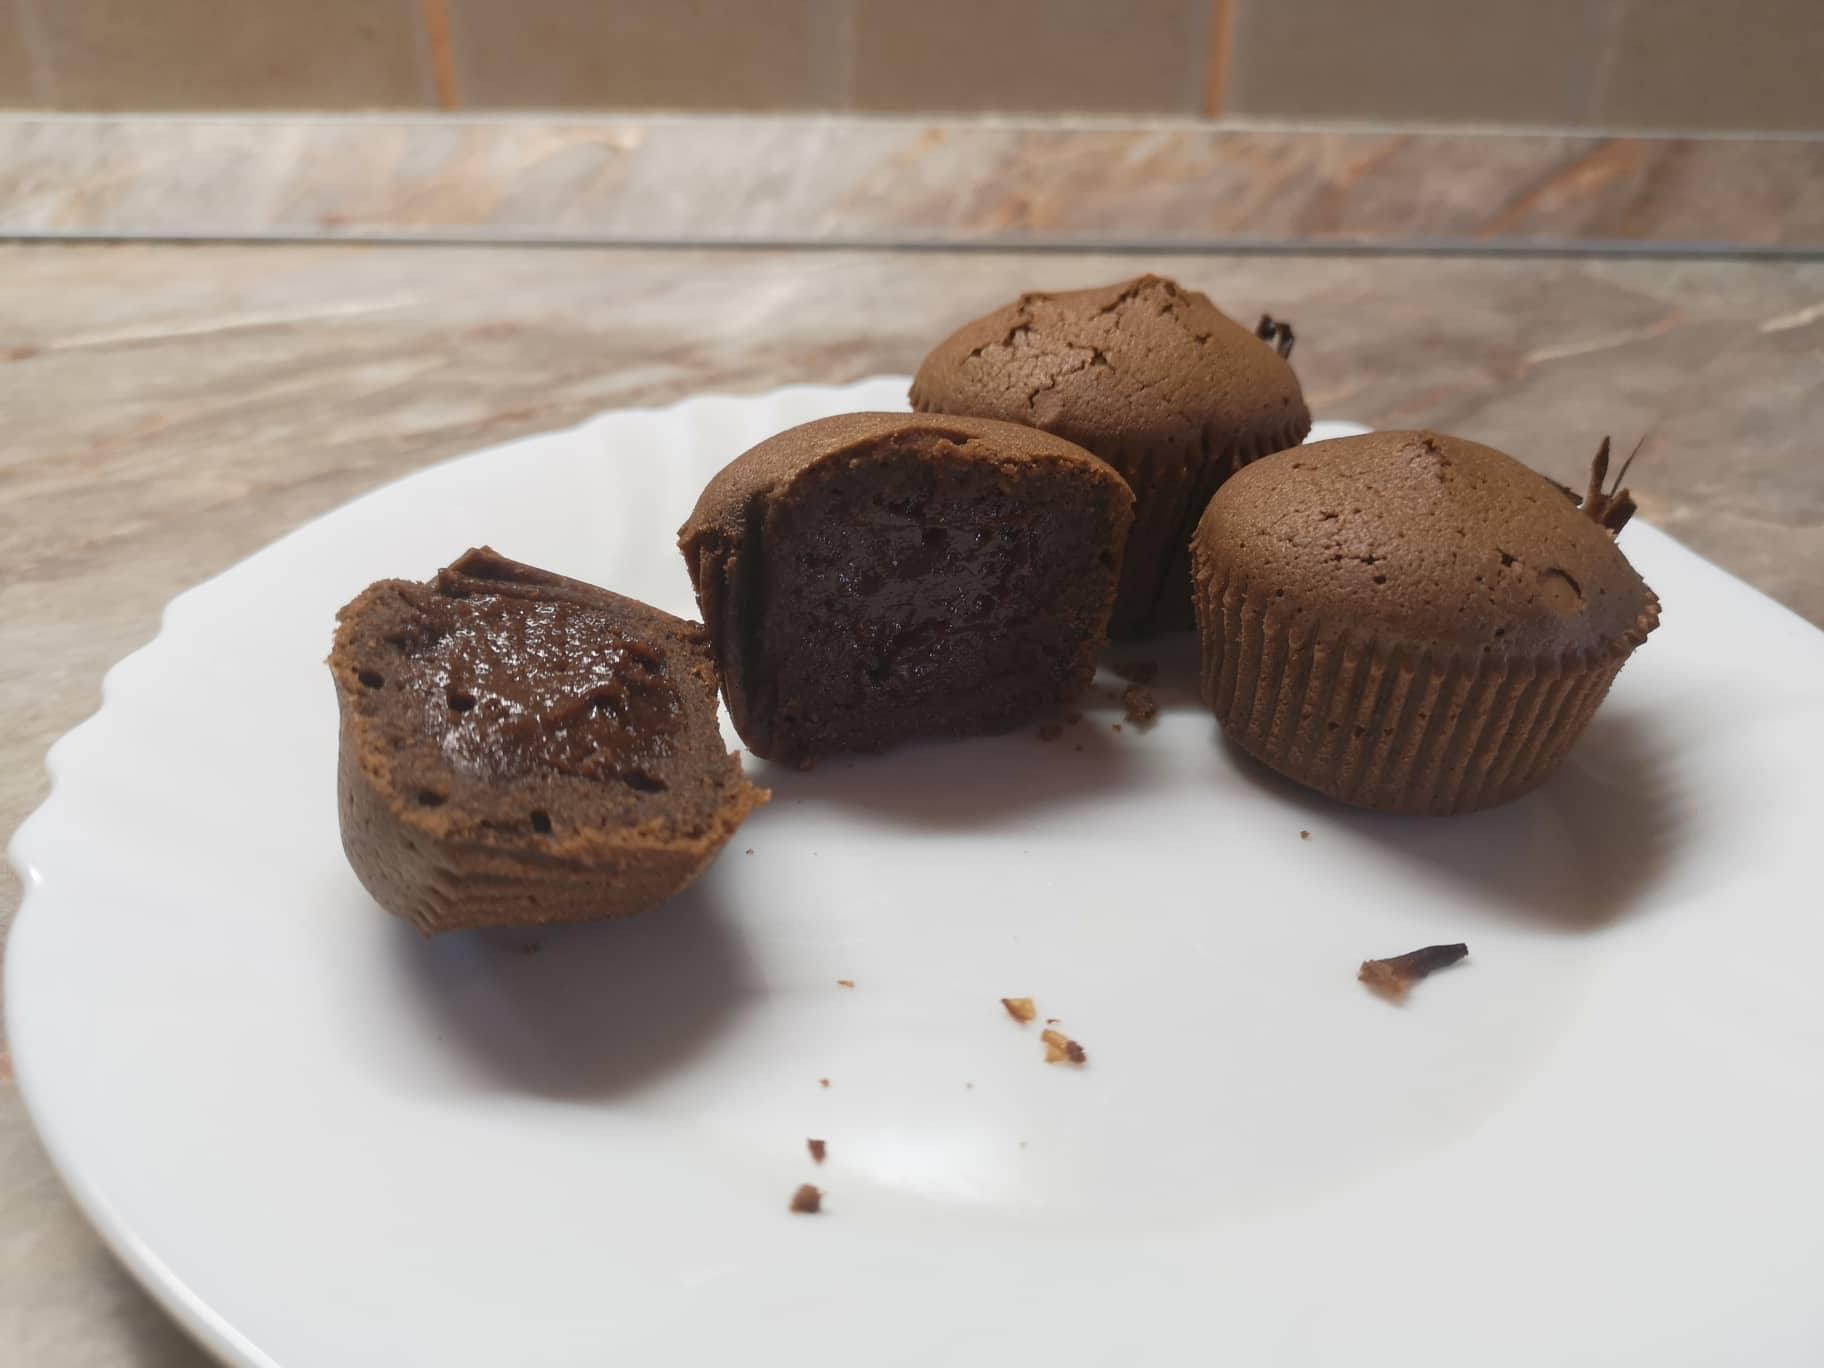 Čokoladni mafini sa tečnom čokoladom iznutra; Foto: kovalska.rs